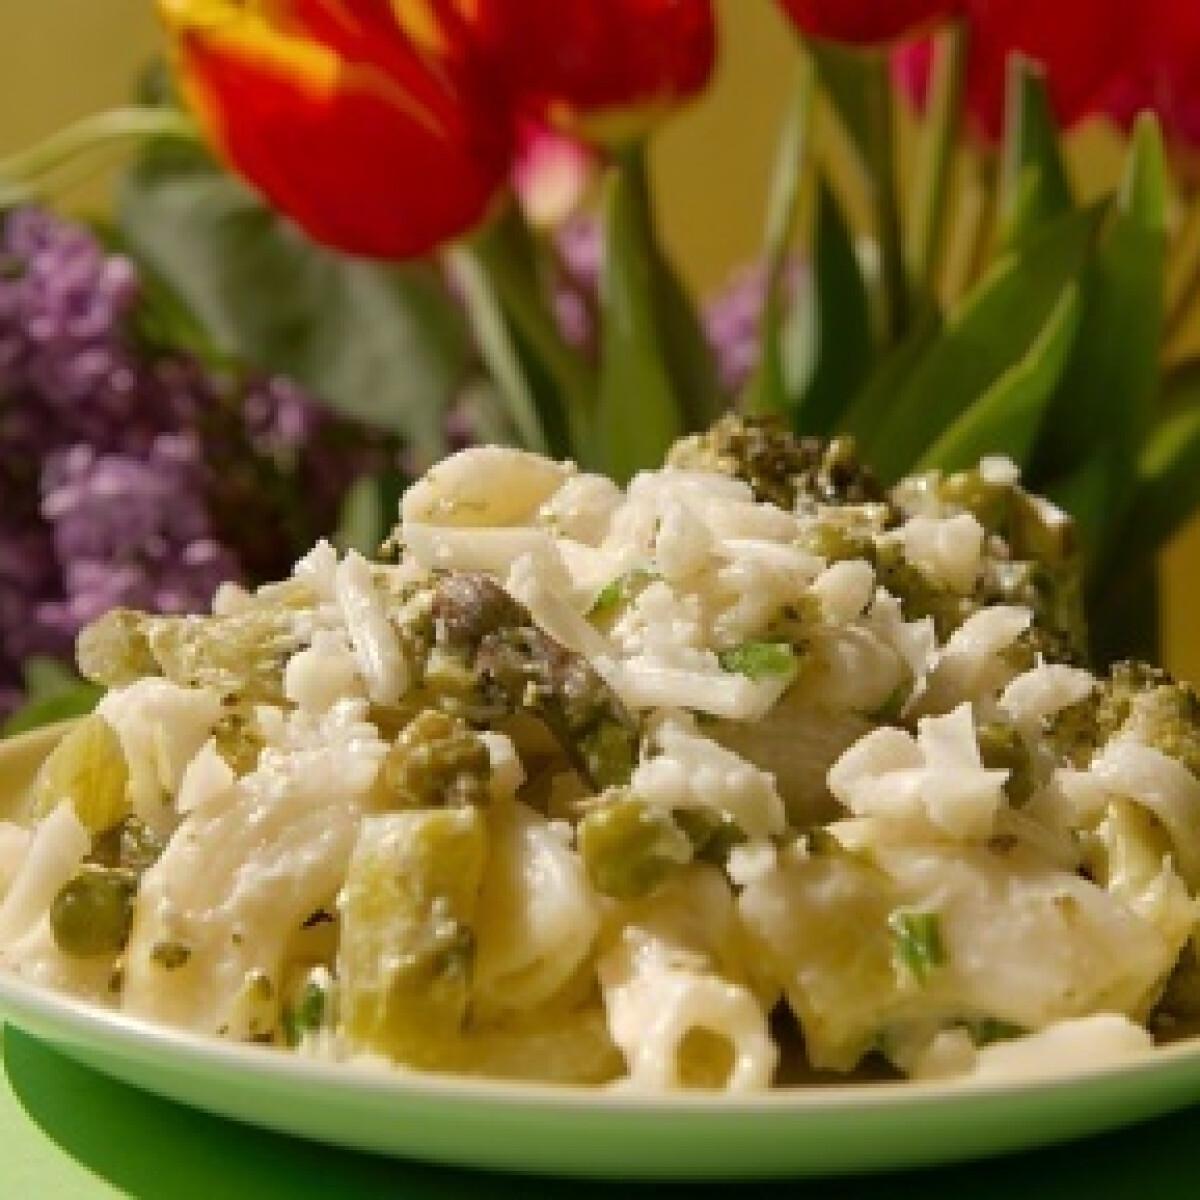 Tavaszi zöldséges tészta